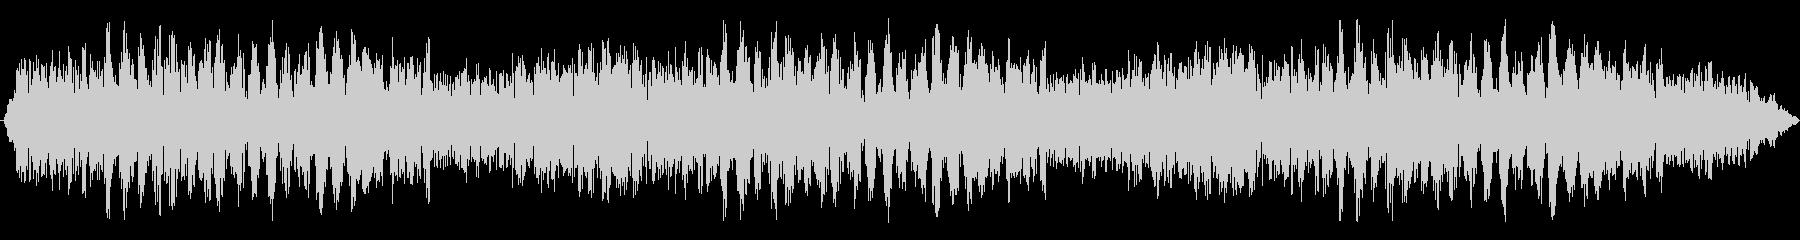 パワードローン、低音のドキドキ、わ...の未再生の波形